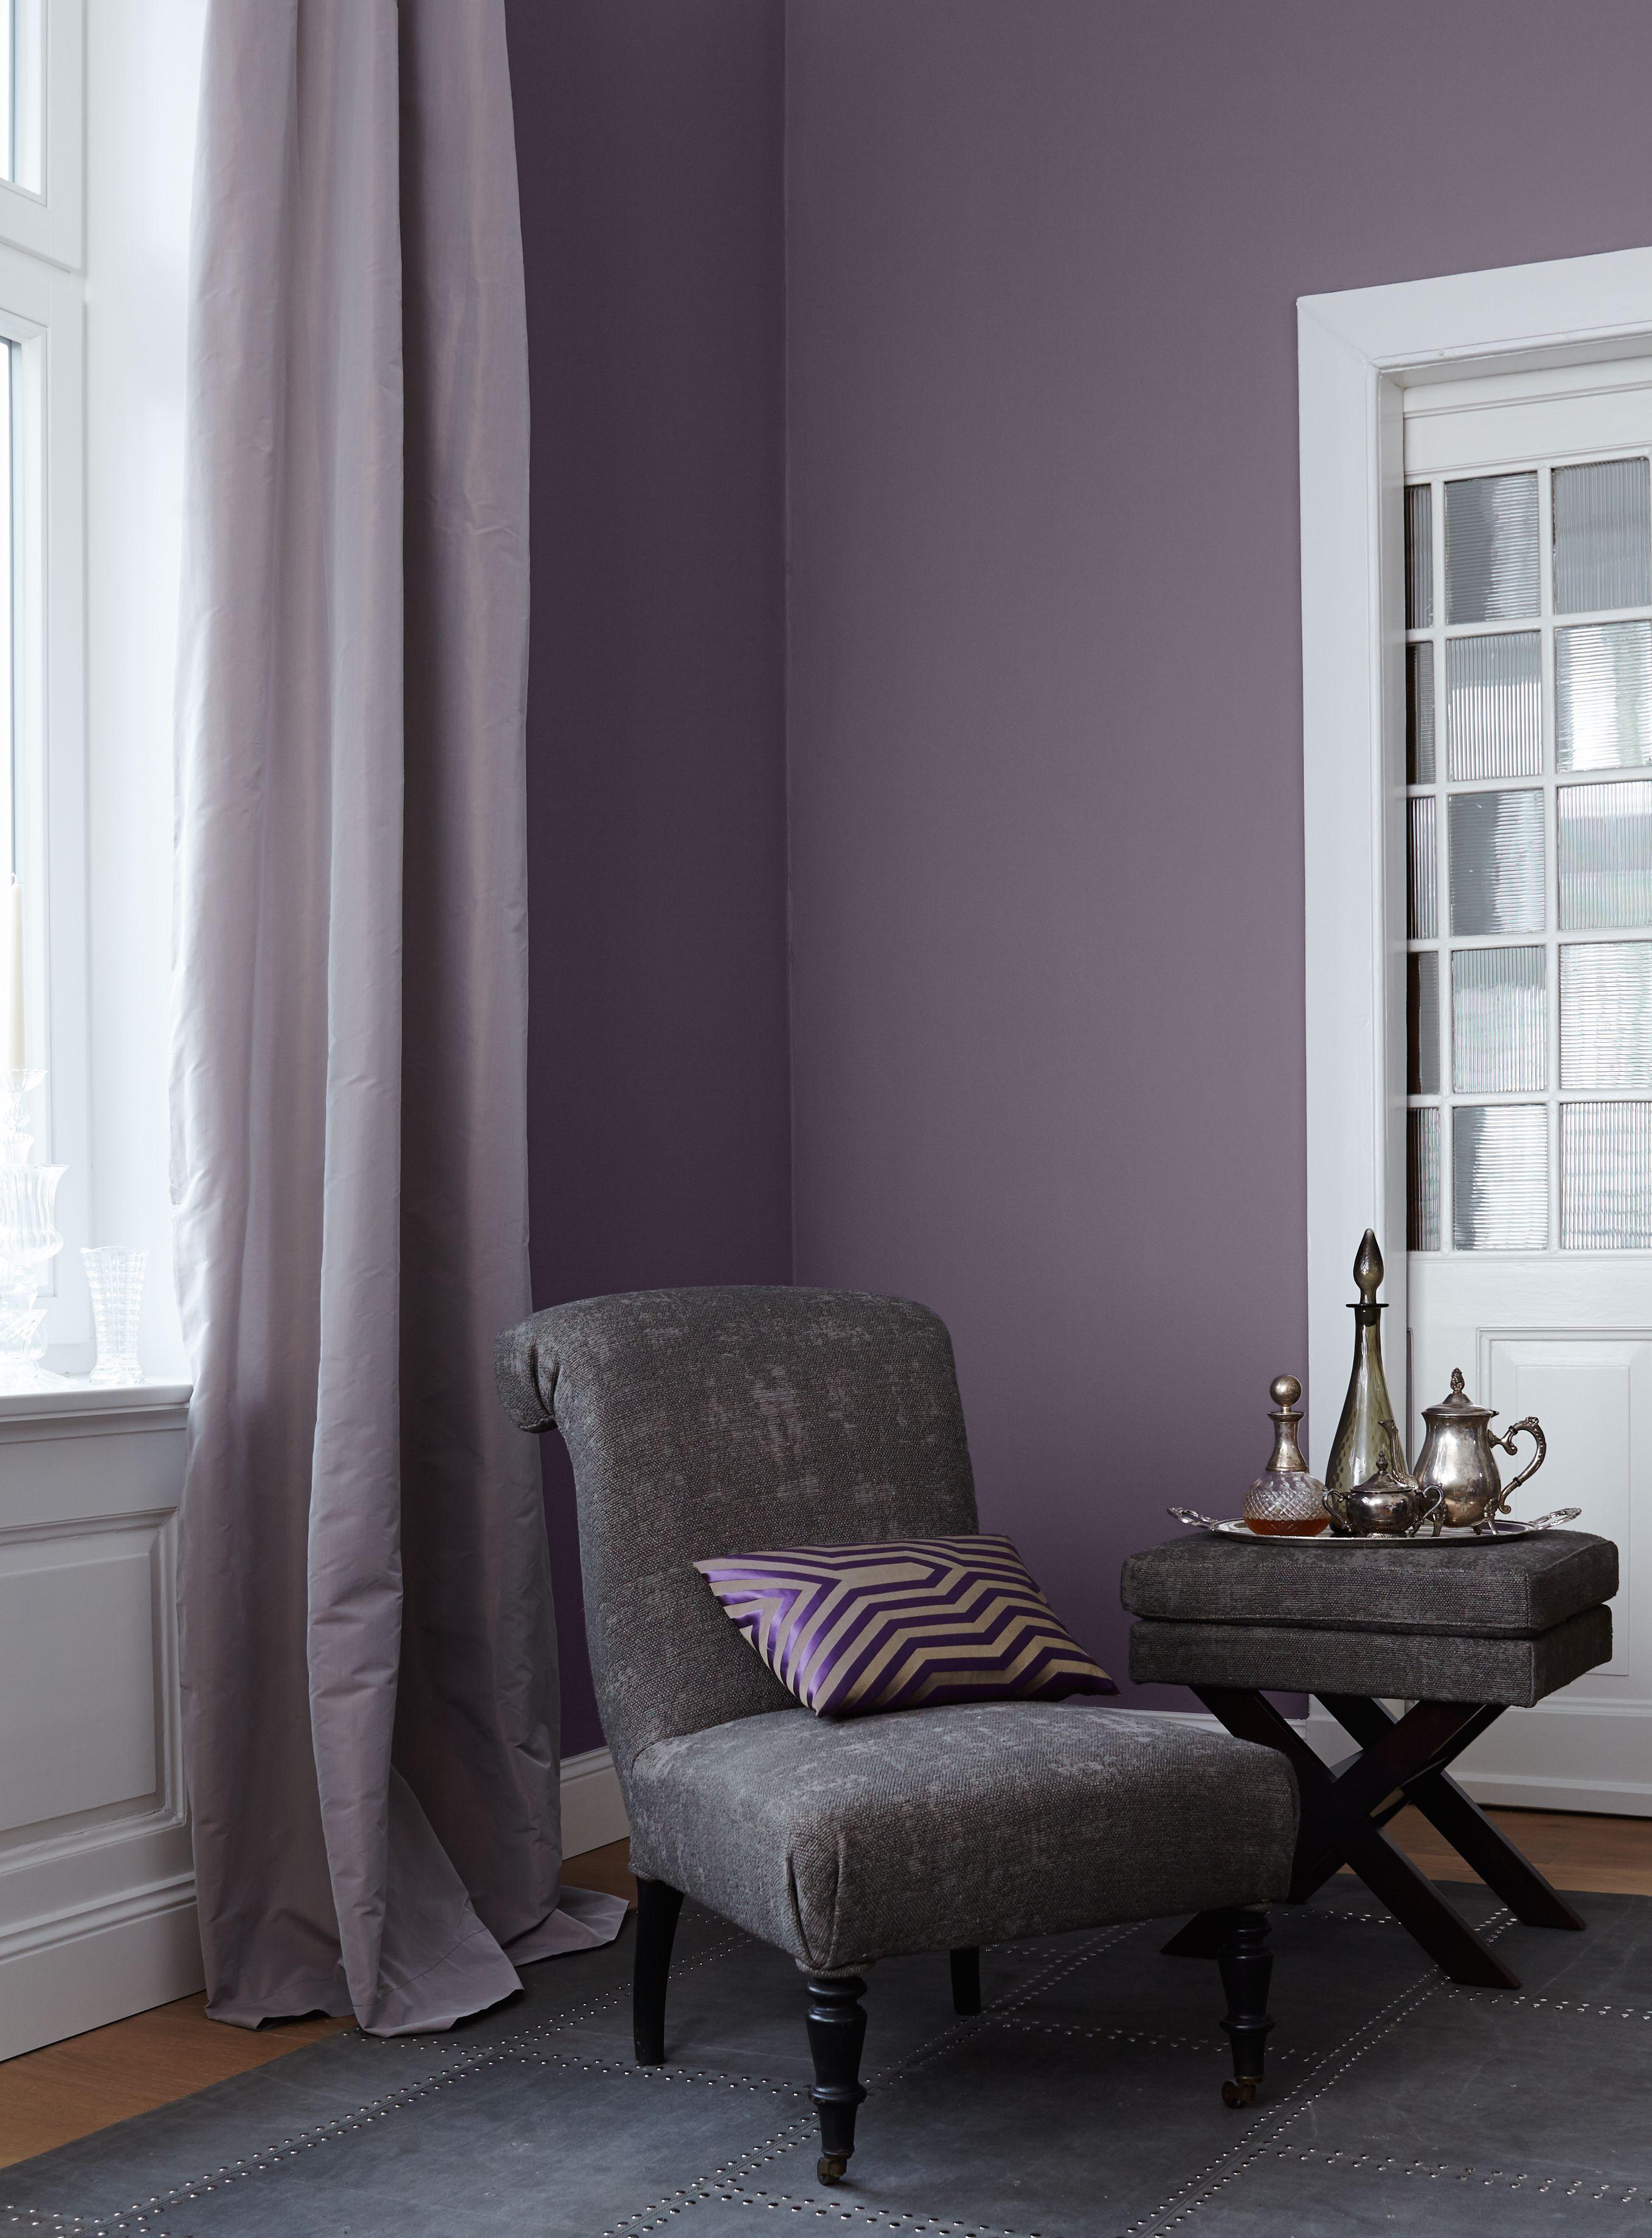 Edle Wandfarbe Lila Tone Sorgen Fur Extravaganz Ratgeber Haus Garten Wandfarbe Wohnen Schlafzimmer Einrichten